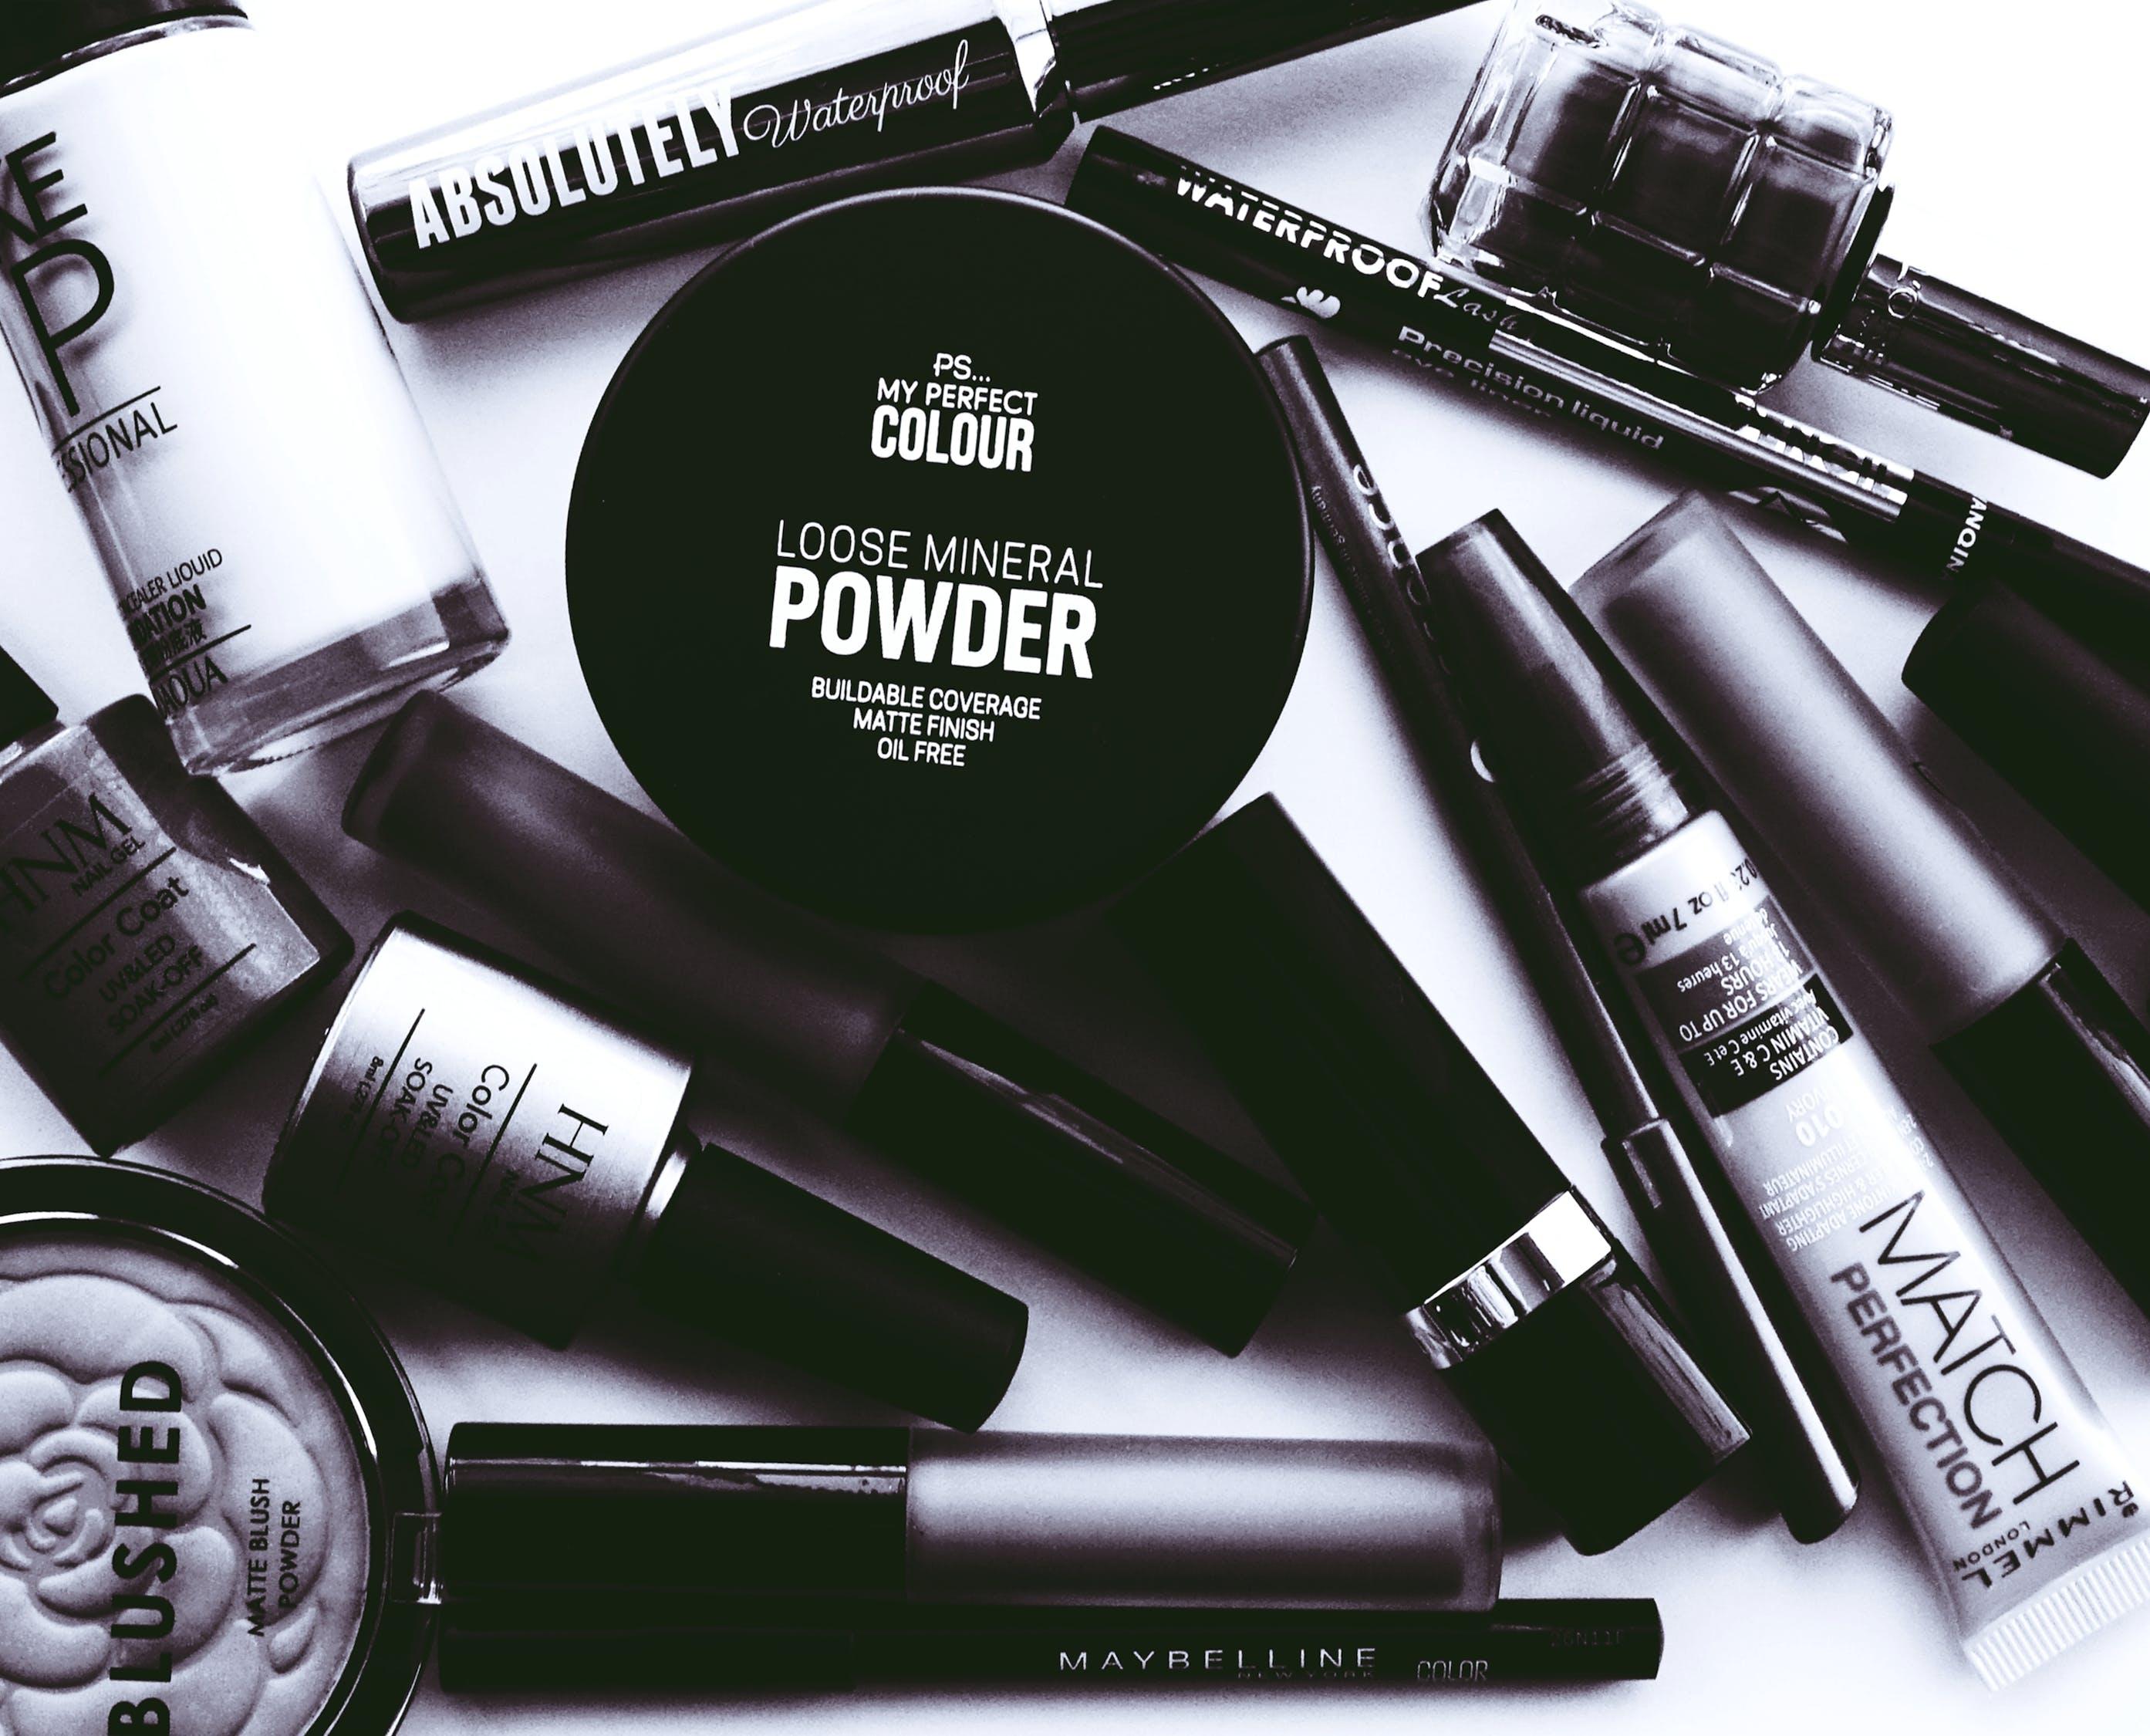 Monochrome Photo of Cosmetics